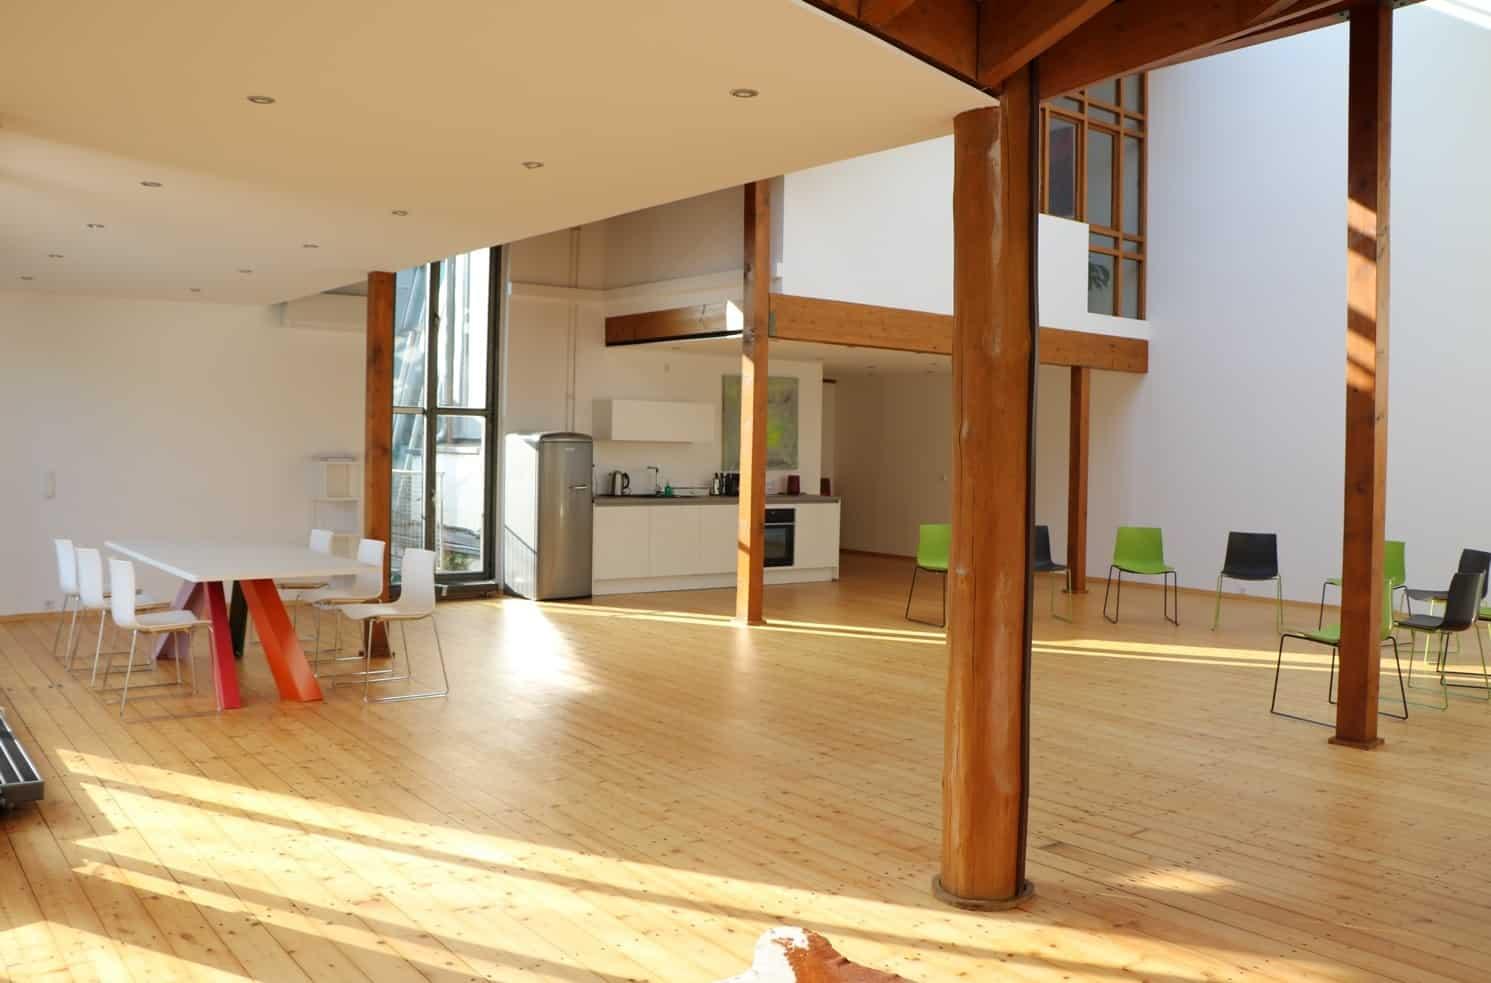 schulungsr ume seminarr ume konferenzr ume edv r ume mieten. Black Bedroom Furniture Sets. Home Design Ideas